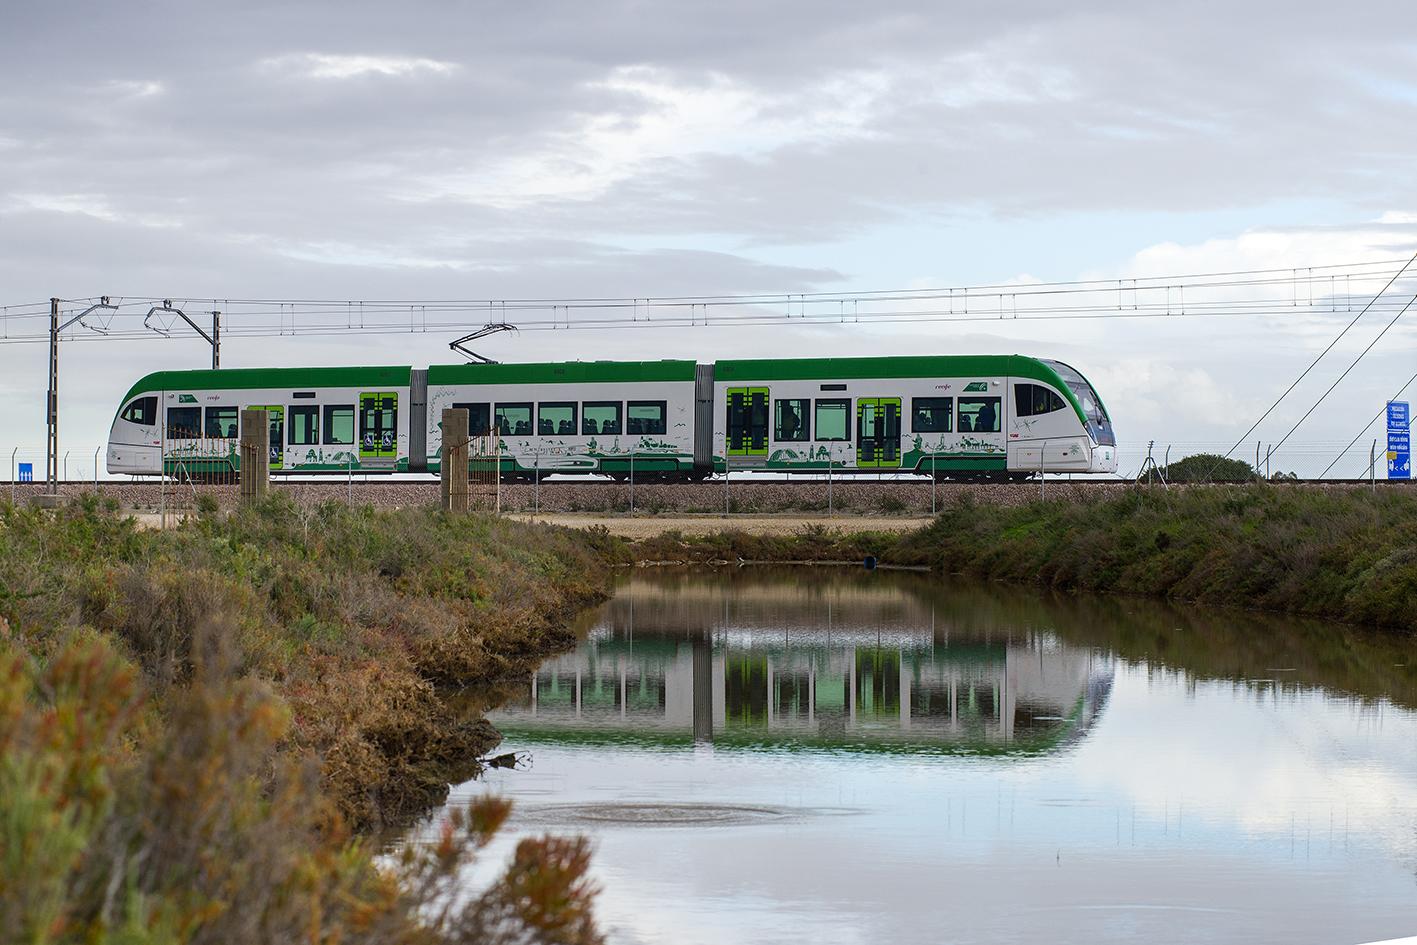 El tranvía de la Bahía de Cádiz es un sistema híbrido de transporte.